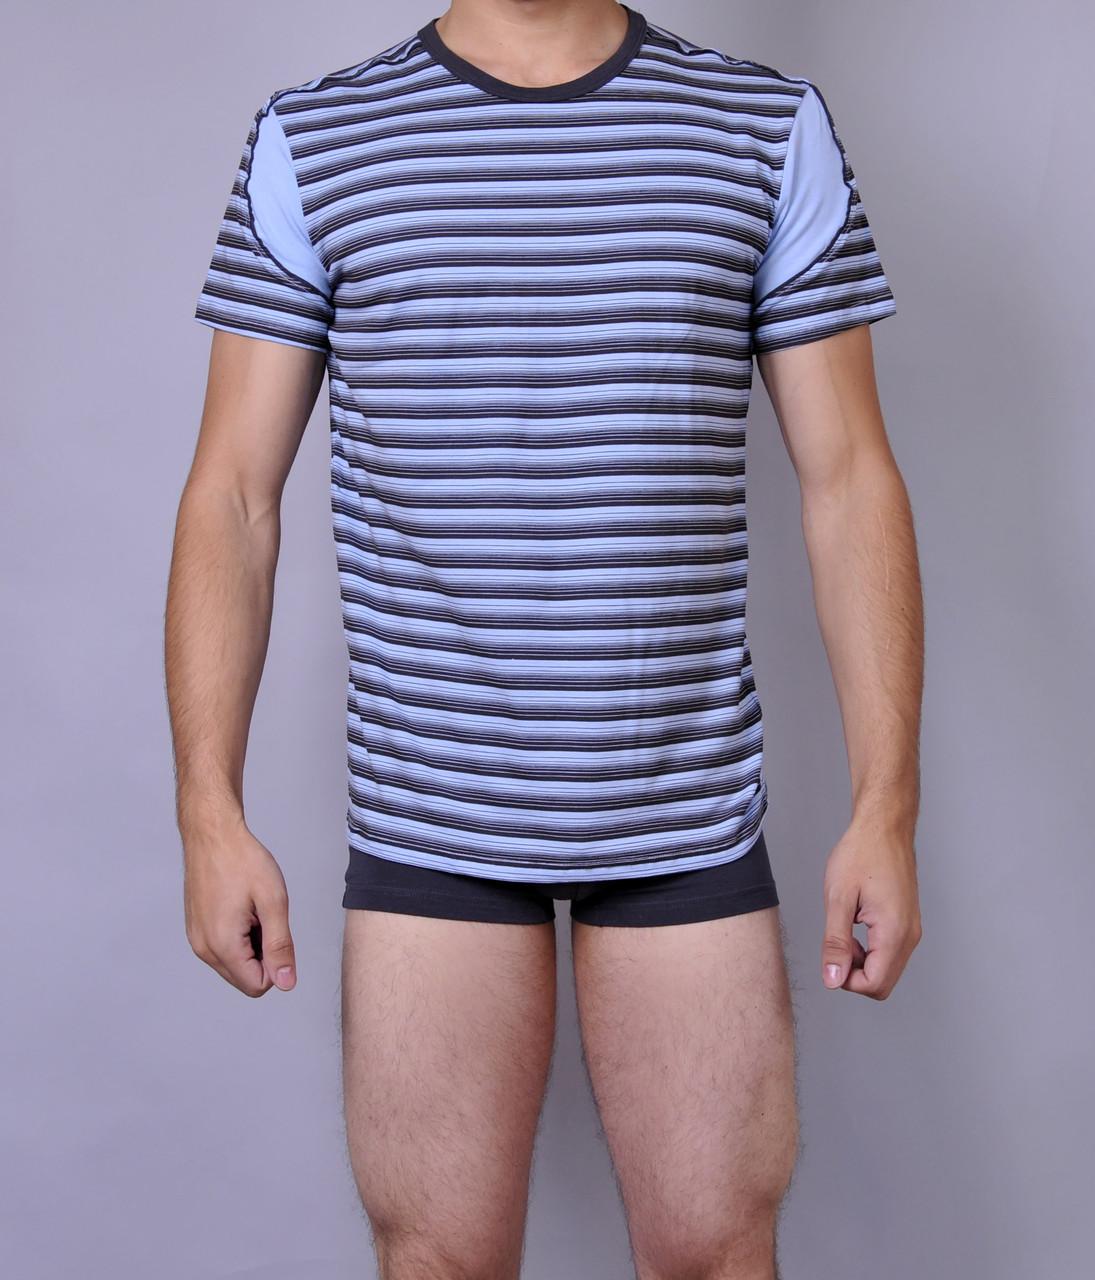 Мужская футболка  C+3 0114 M Полосатый